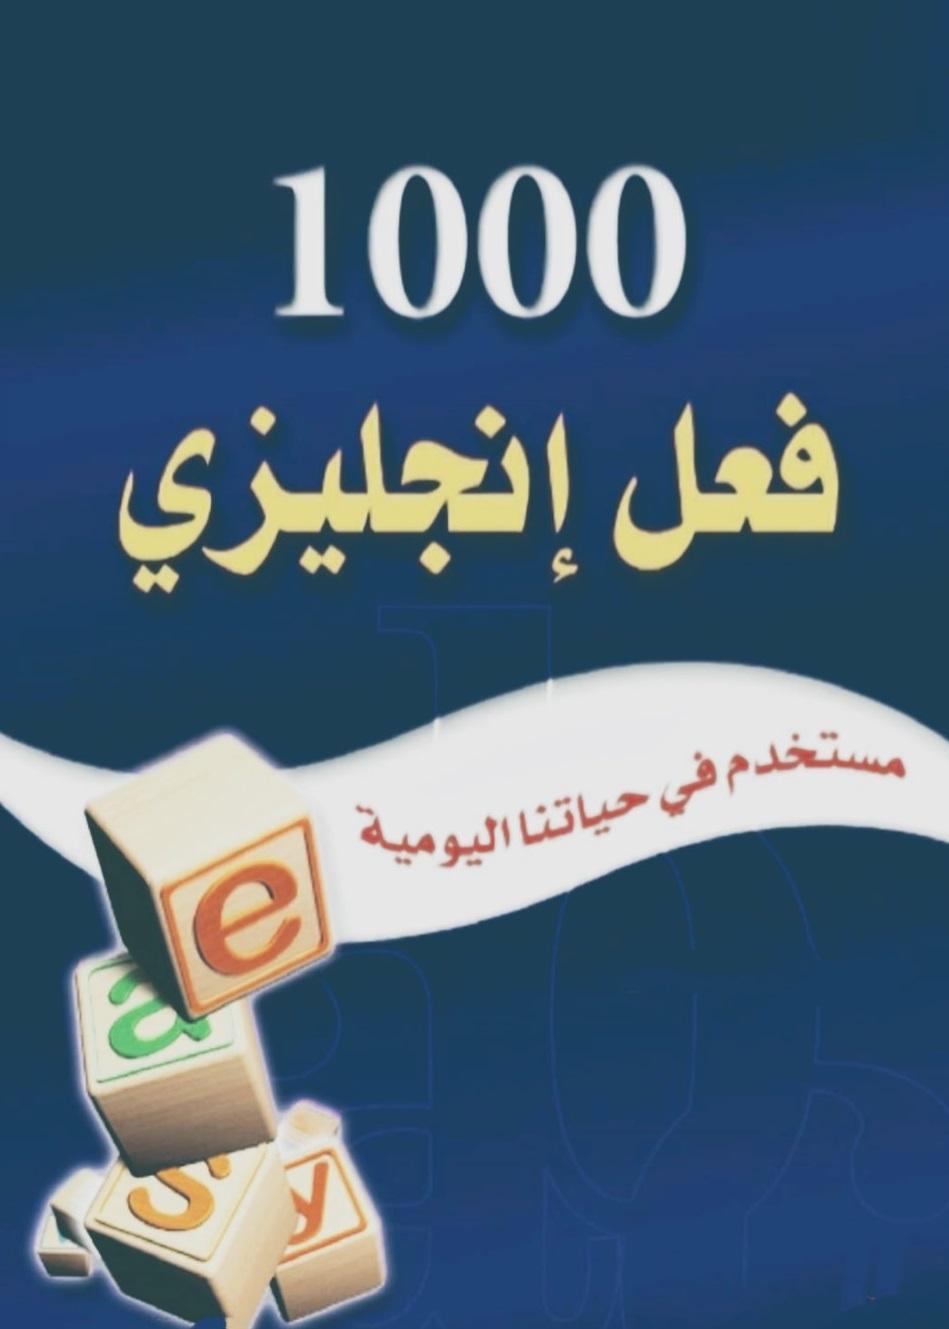 لغة انجليزية:  1000 فعل انجليزي مستخدم فى حياتنا اليومية 12060